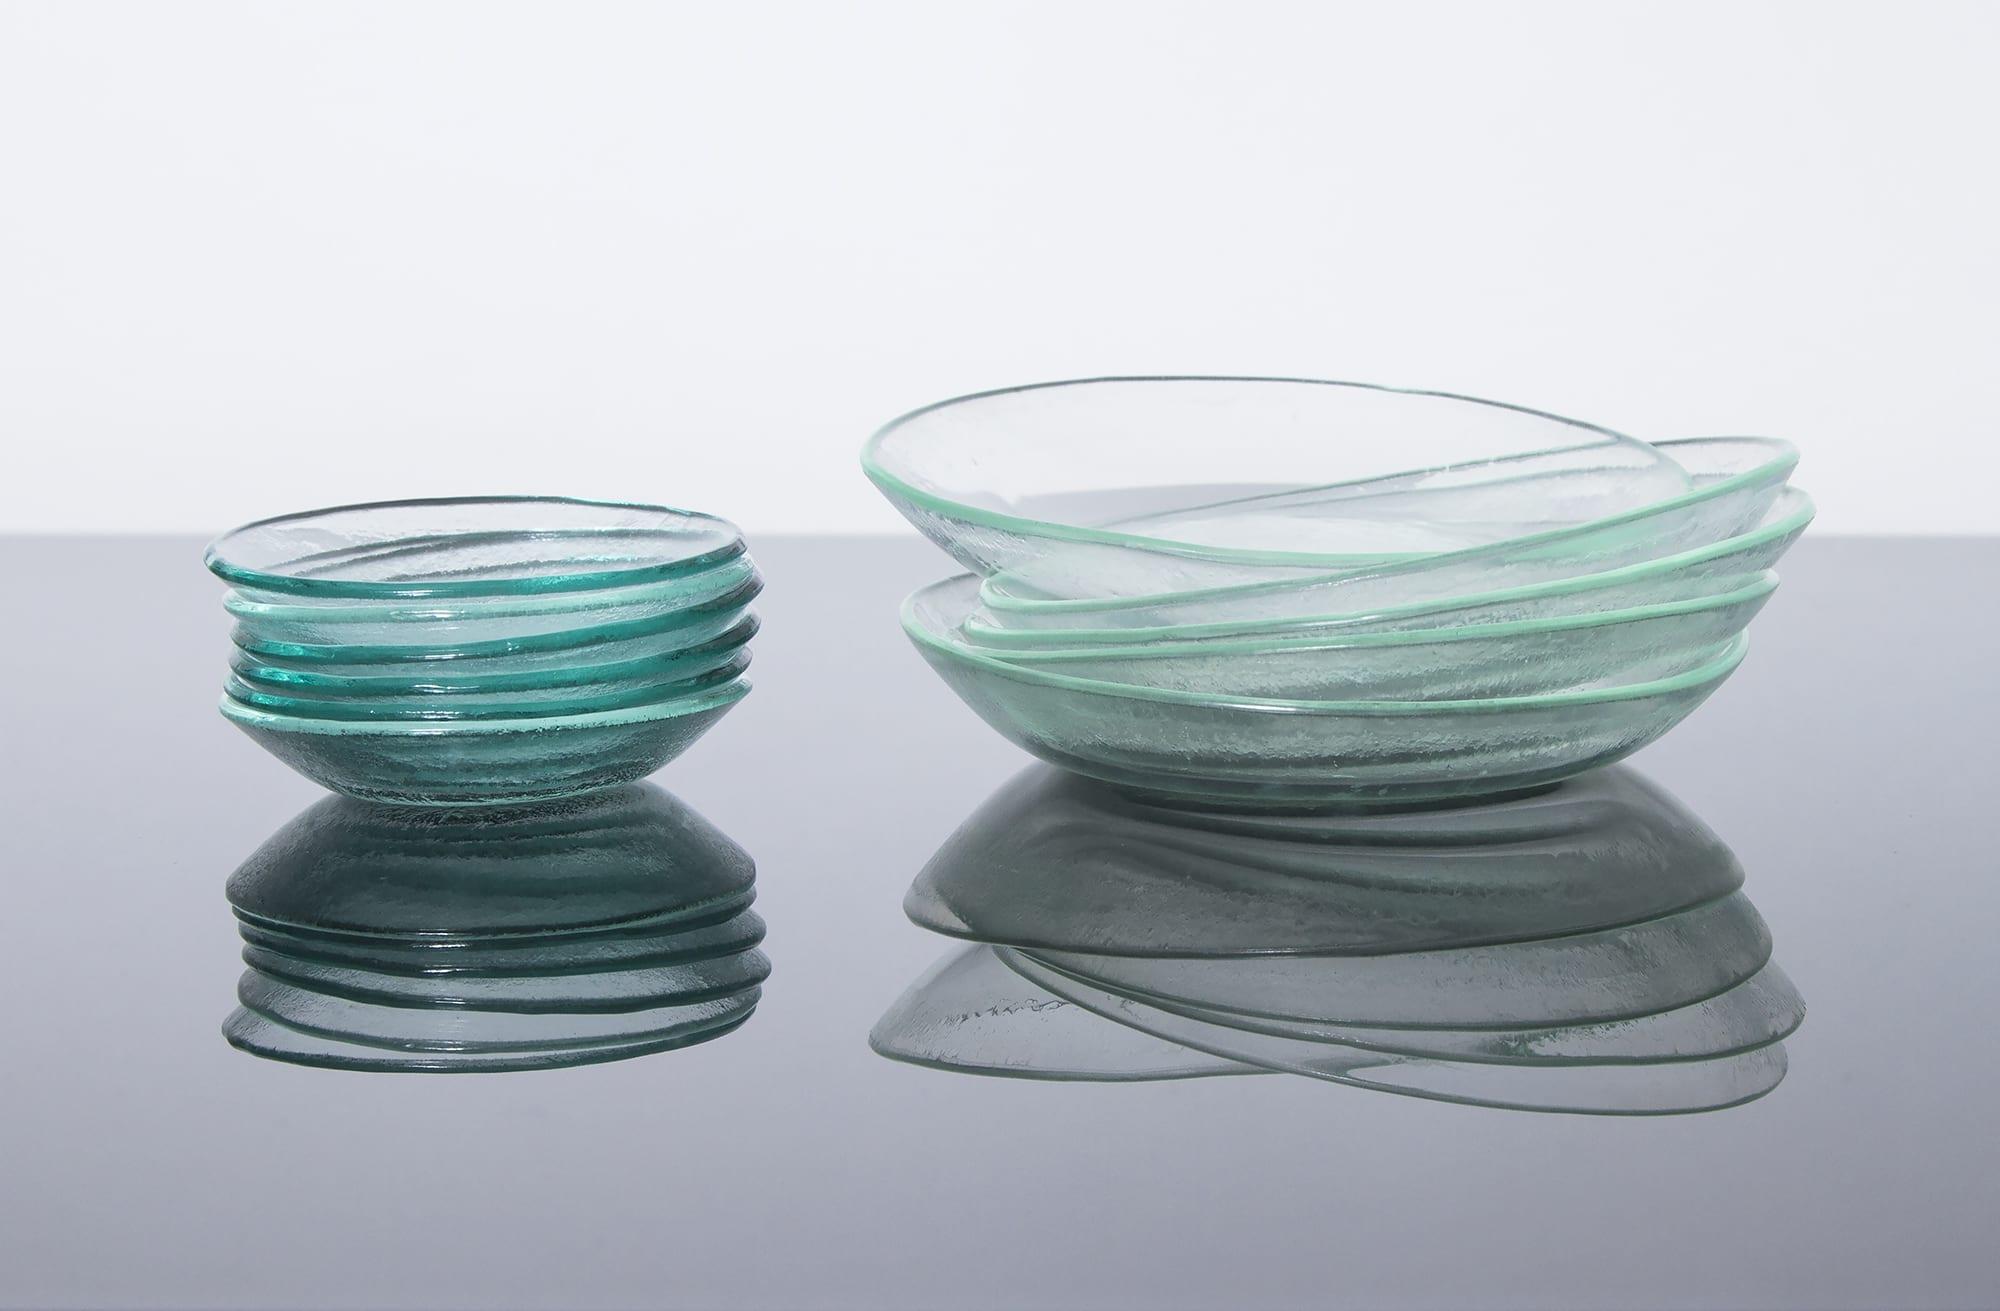 """Сеткелание тарелки. Коллекция """"Практическая"""" для вашего обеденного стола. Изготовлена из переработанного стекла. Glass Point"""